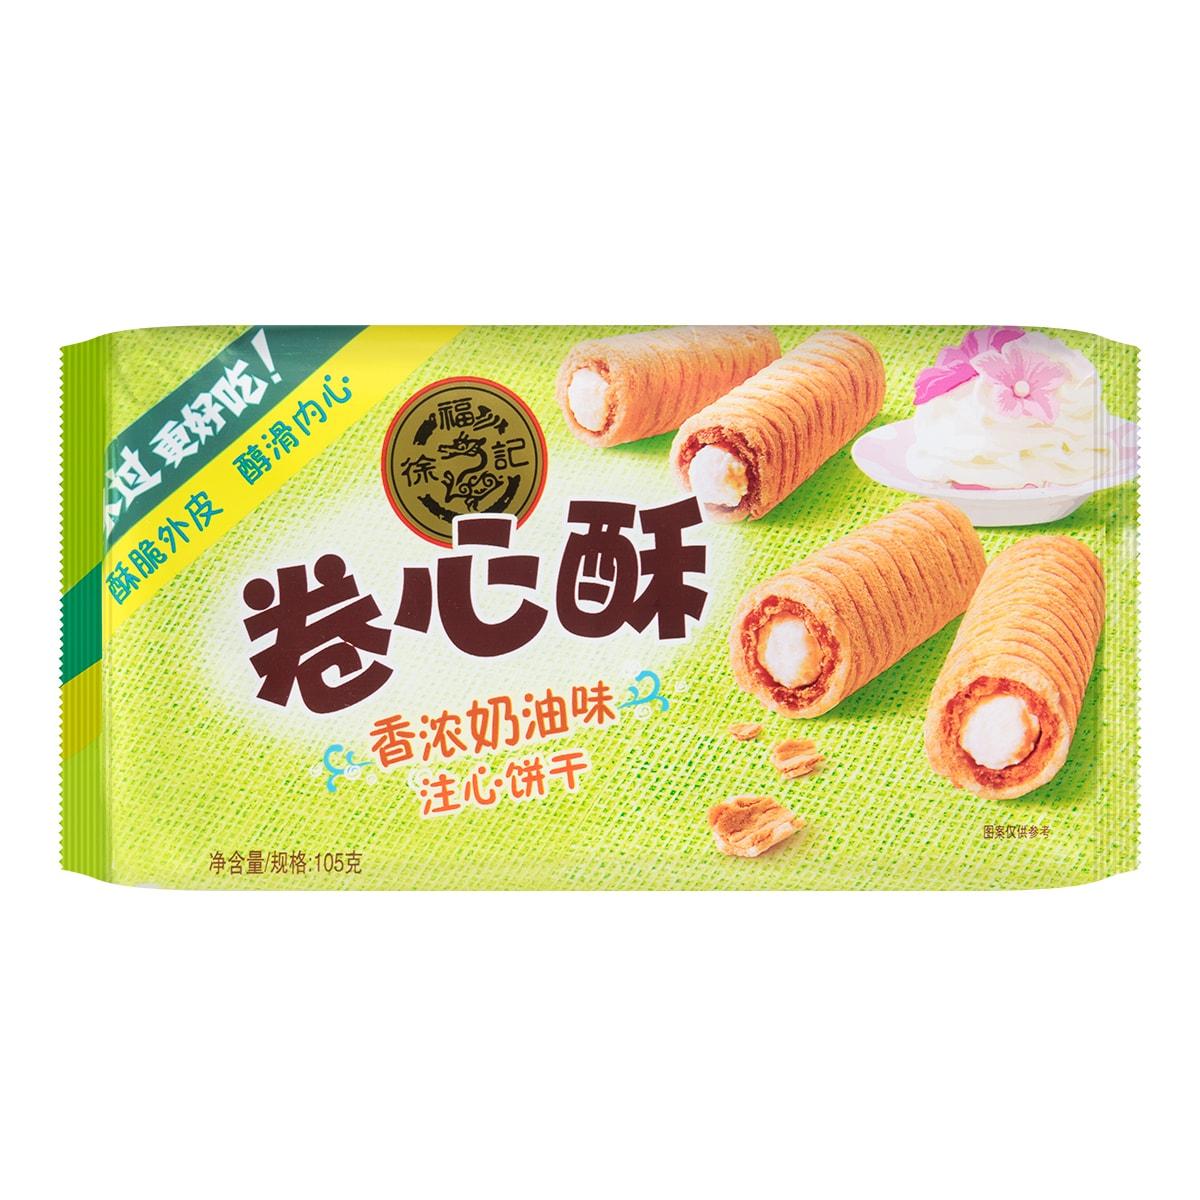 HSUFUCHI Roll Cookie Milk Cream Flavor 105g